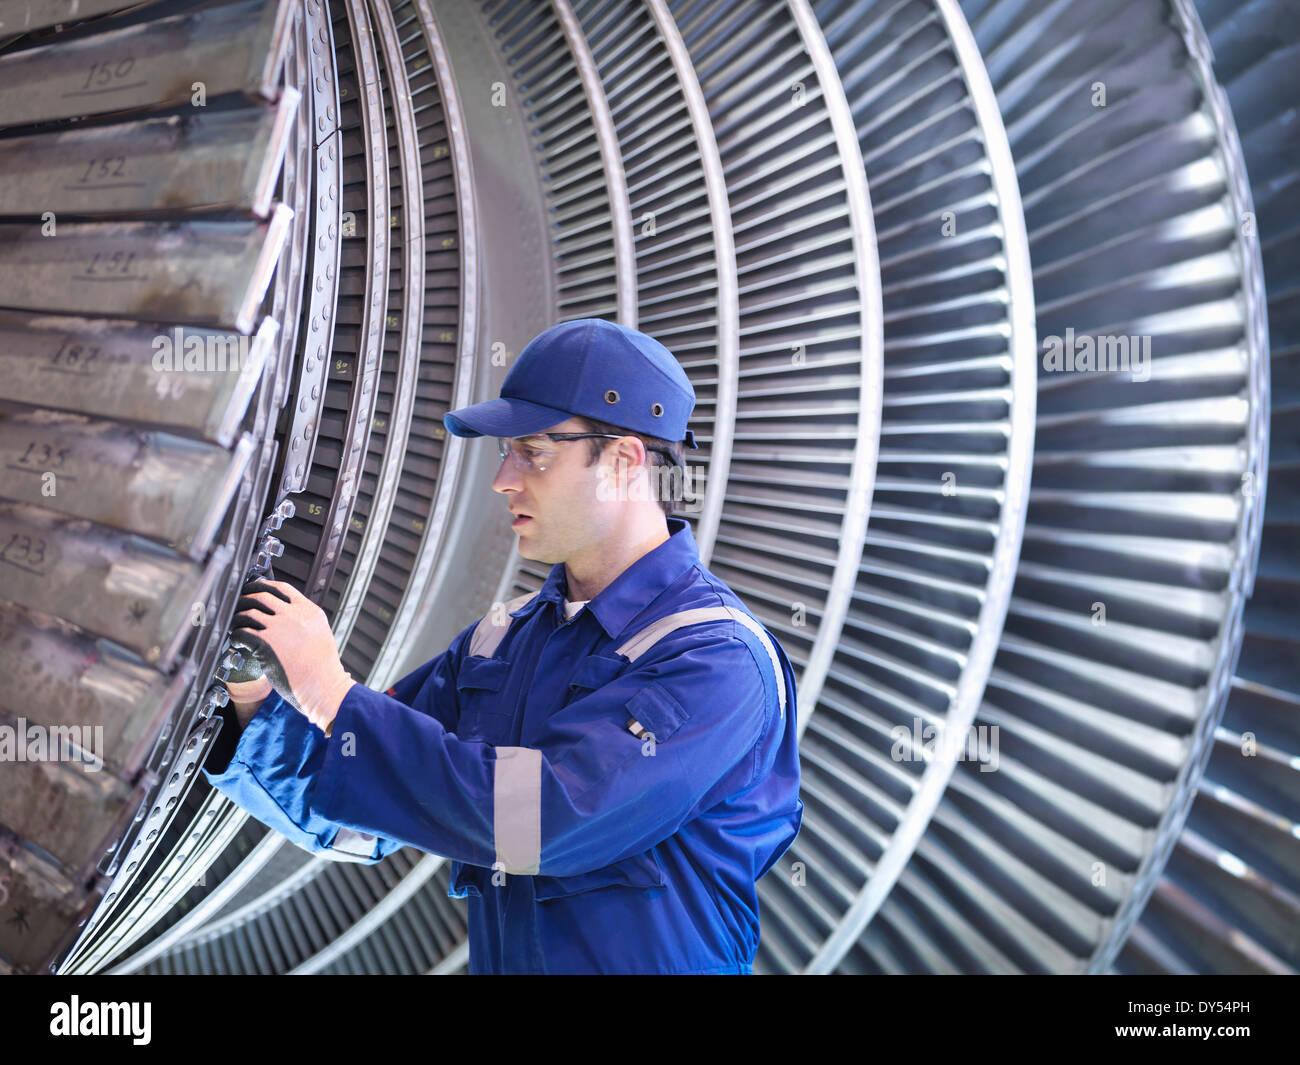 Engineer inspecting repair to steam turbine blade in workshop - Stock Image